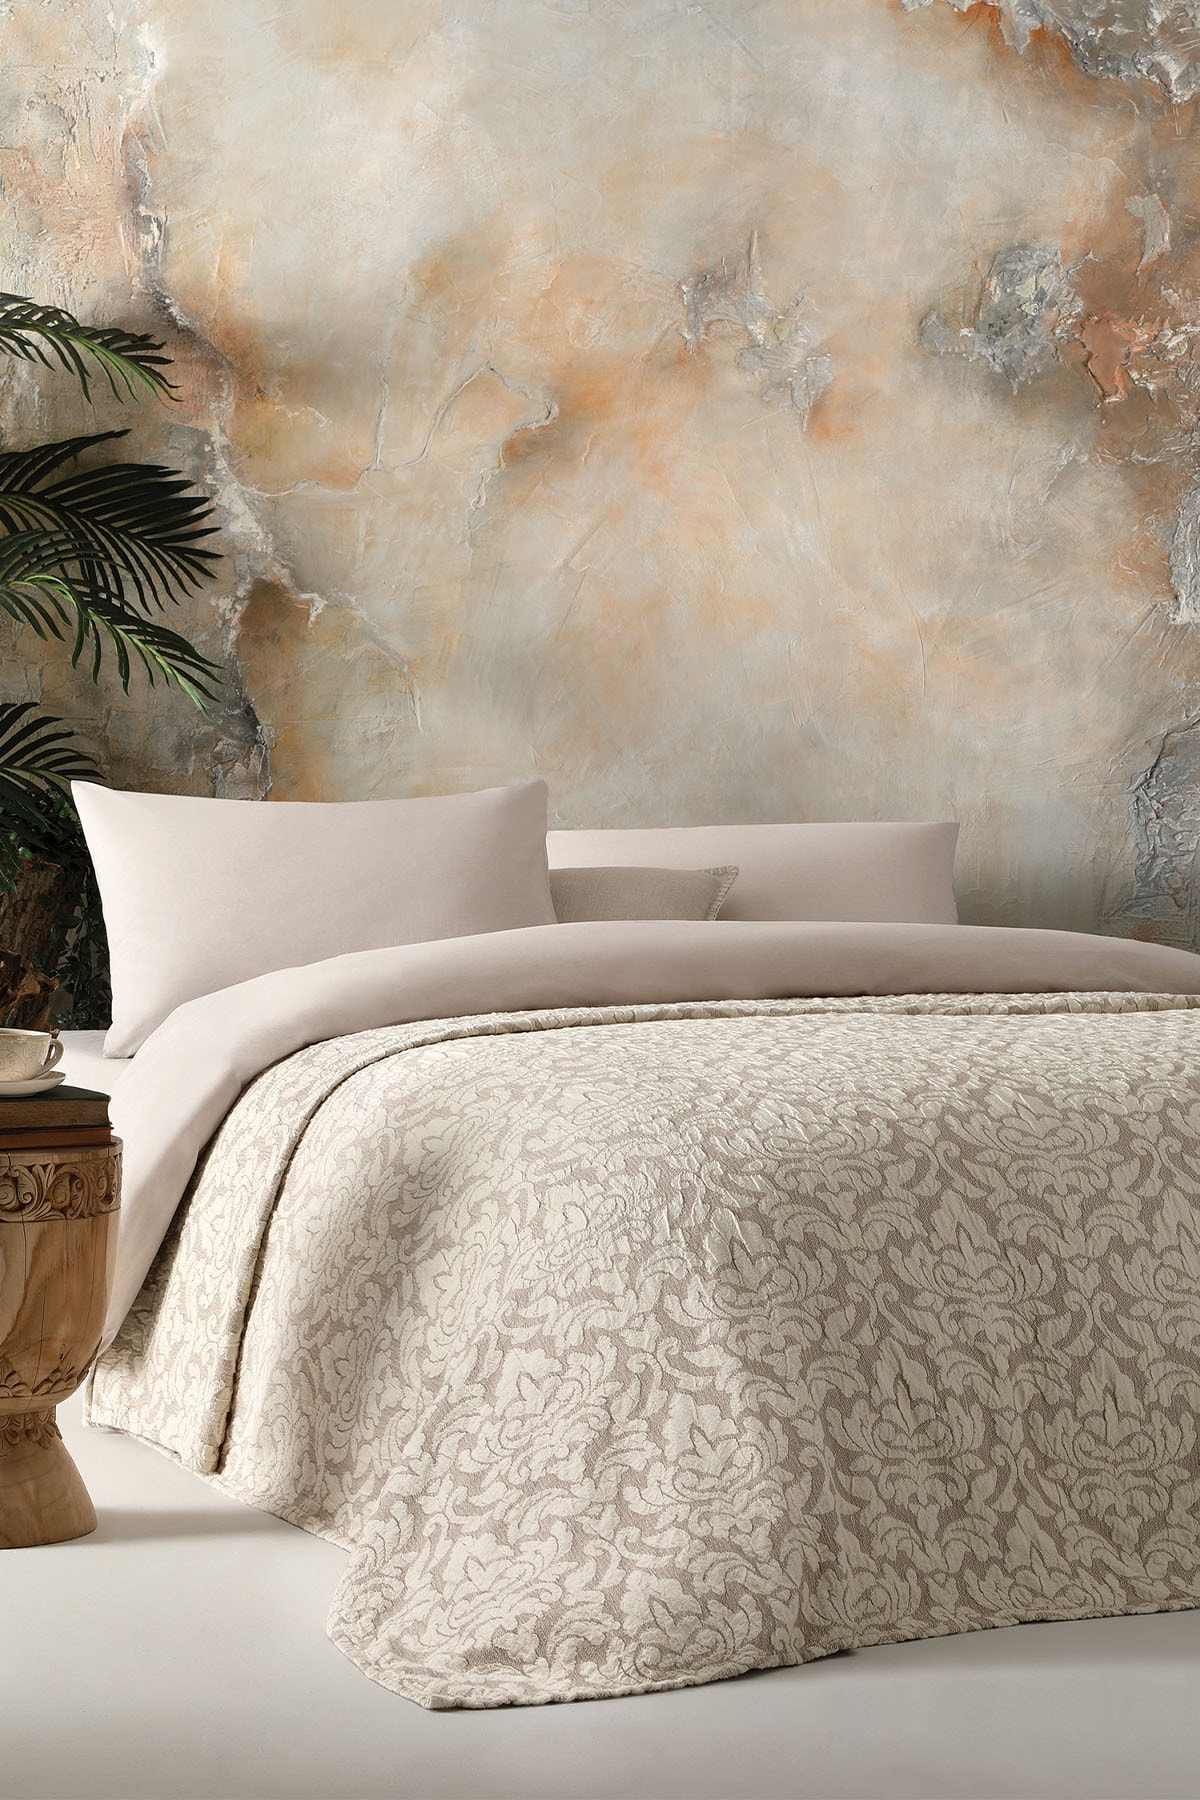 Lino Çift Kişilik Yatak Örtüsü